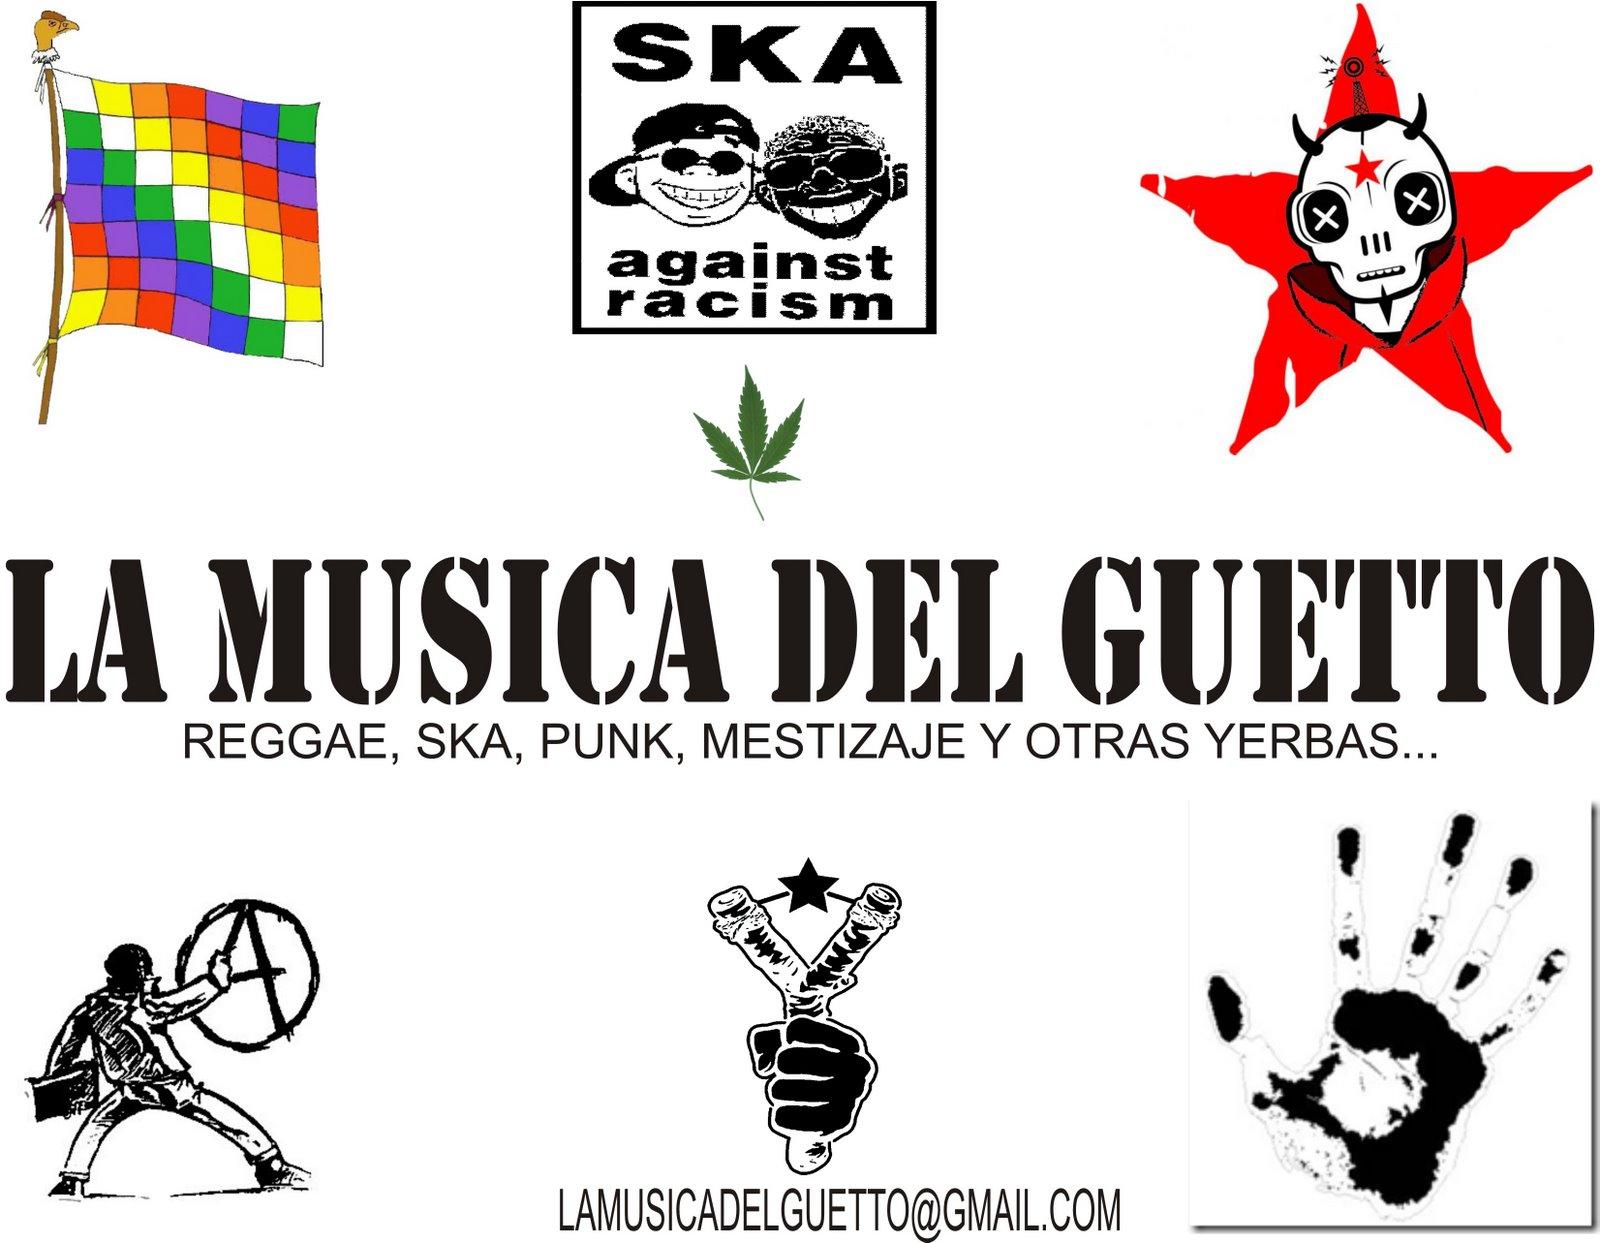 LA MUSICA DEL GUETTO